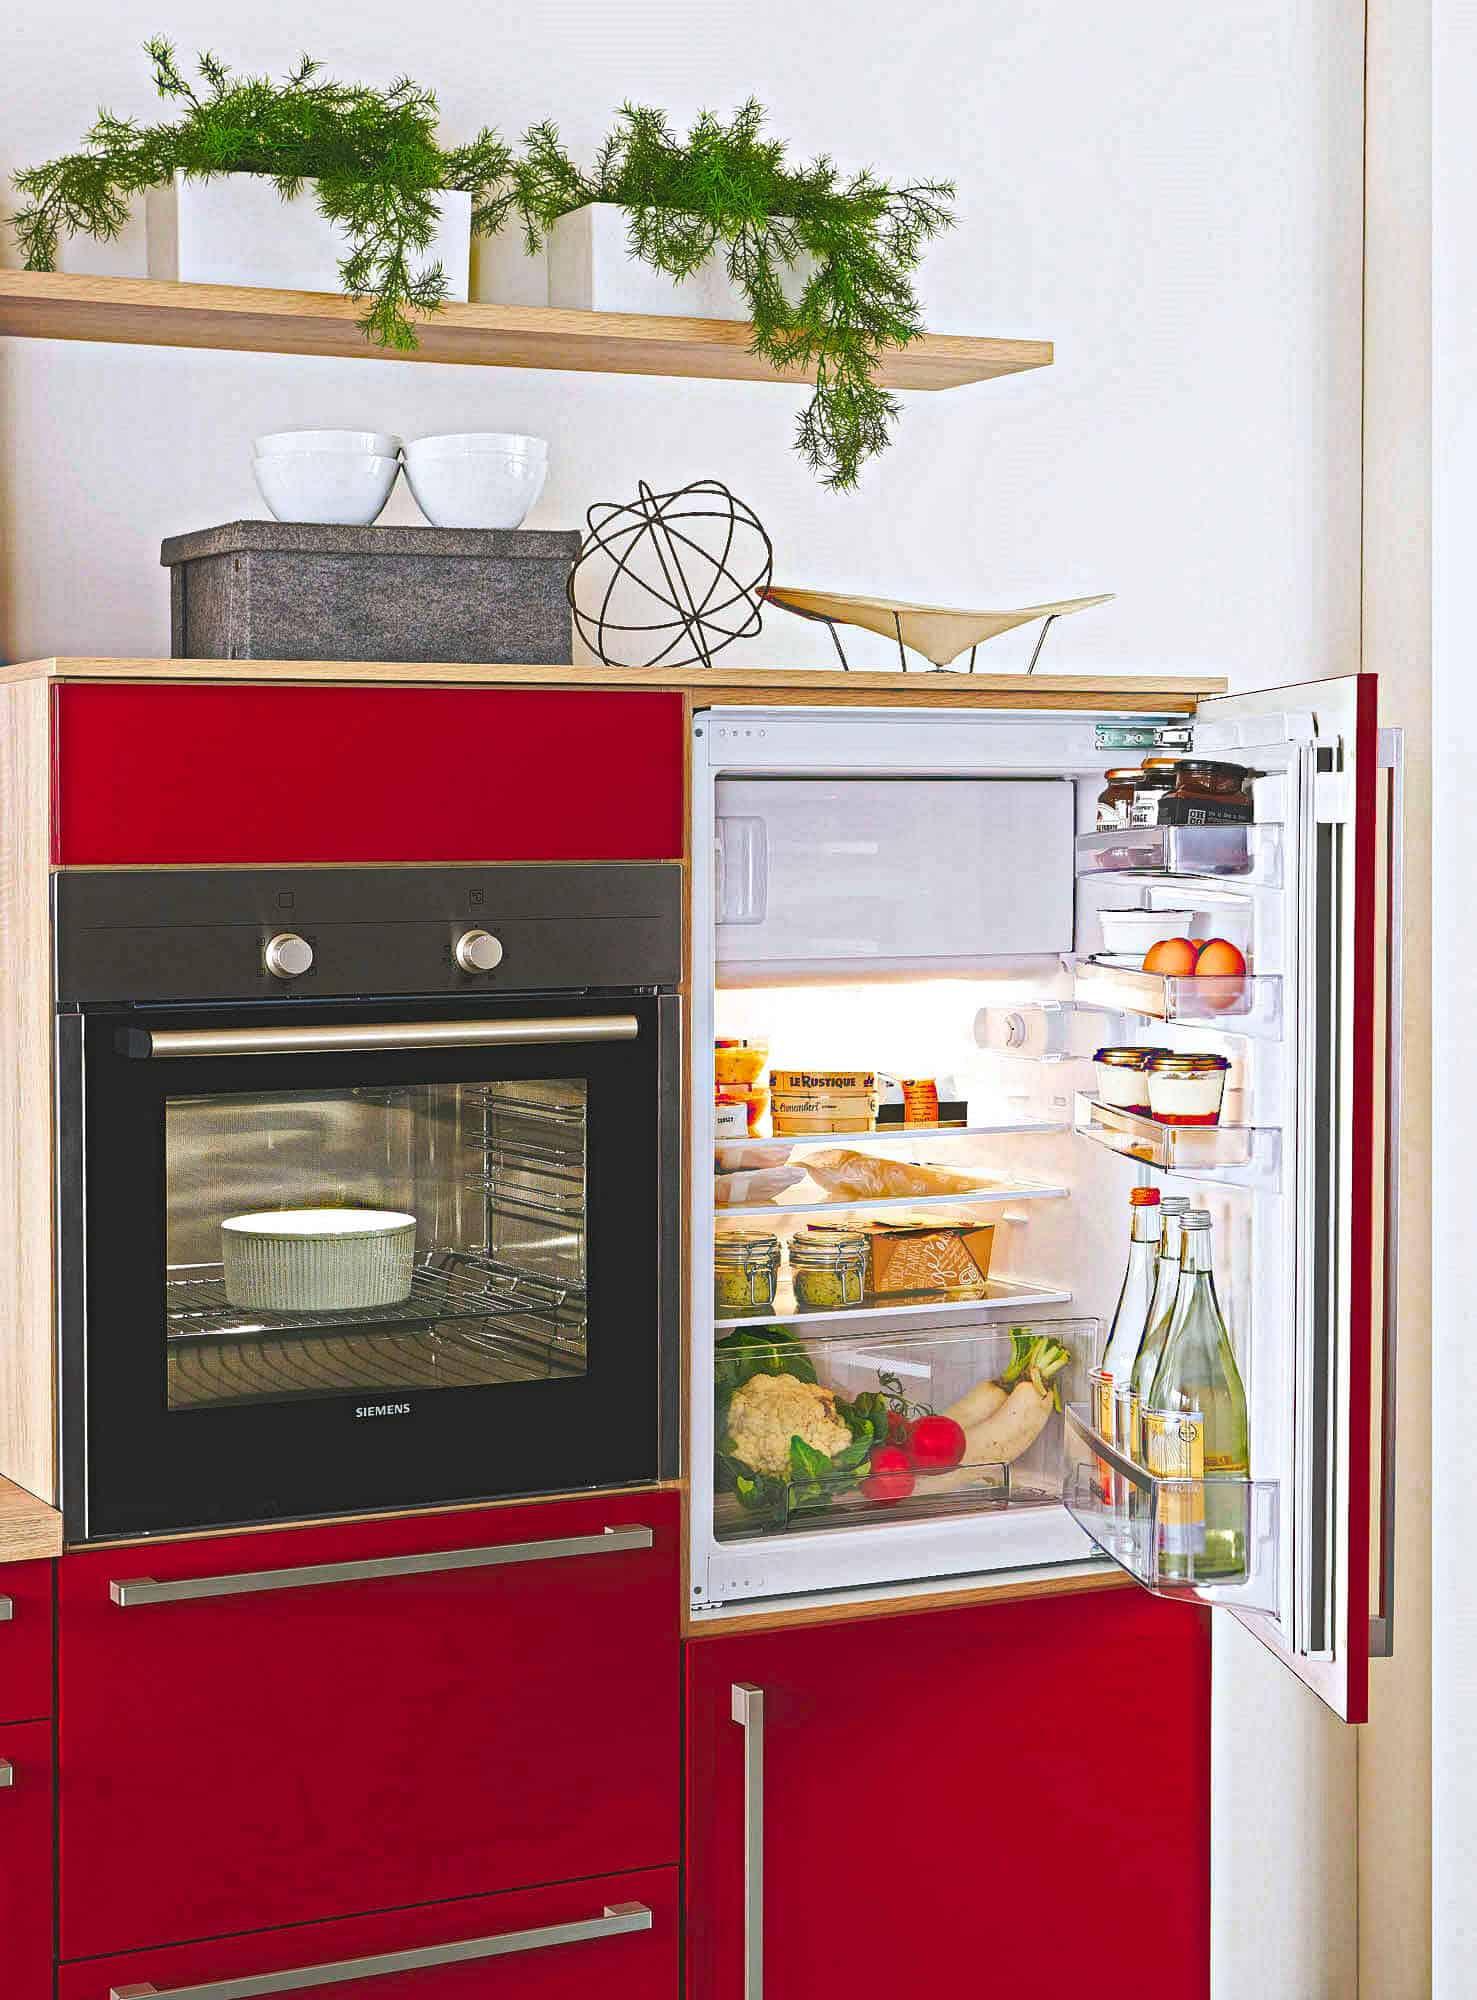 Kühlschränke günstig kaufen - Hochwertig, Langlebig ...